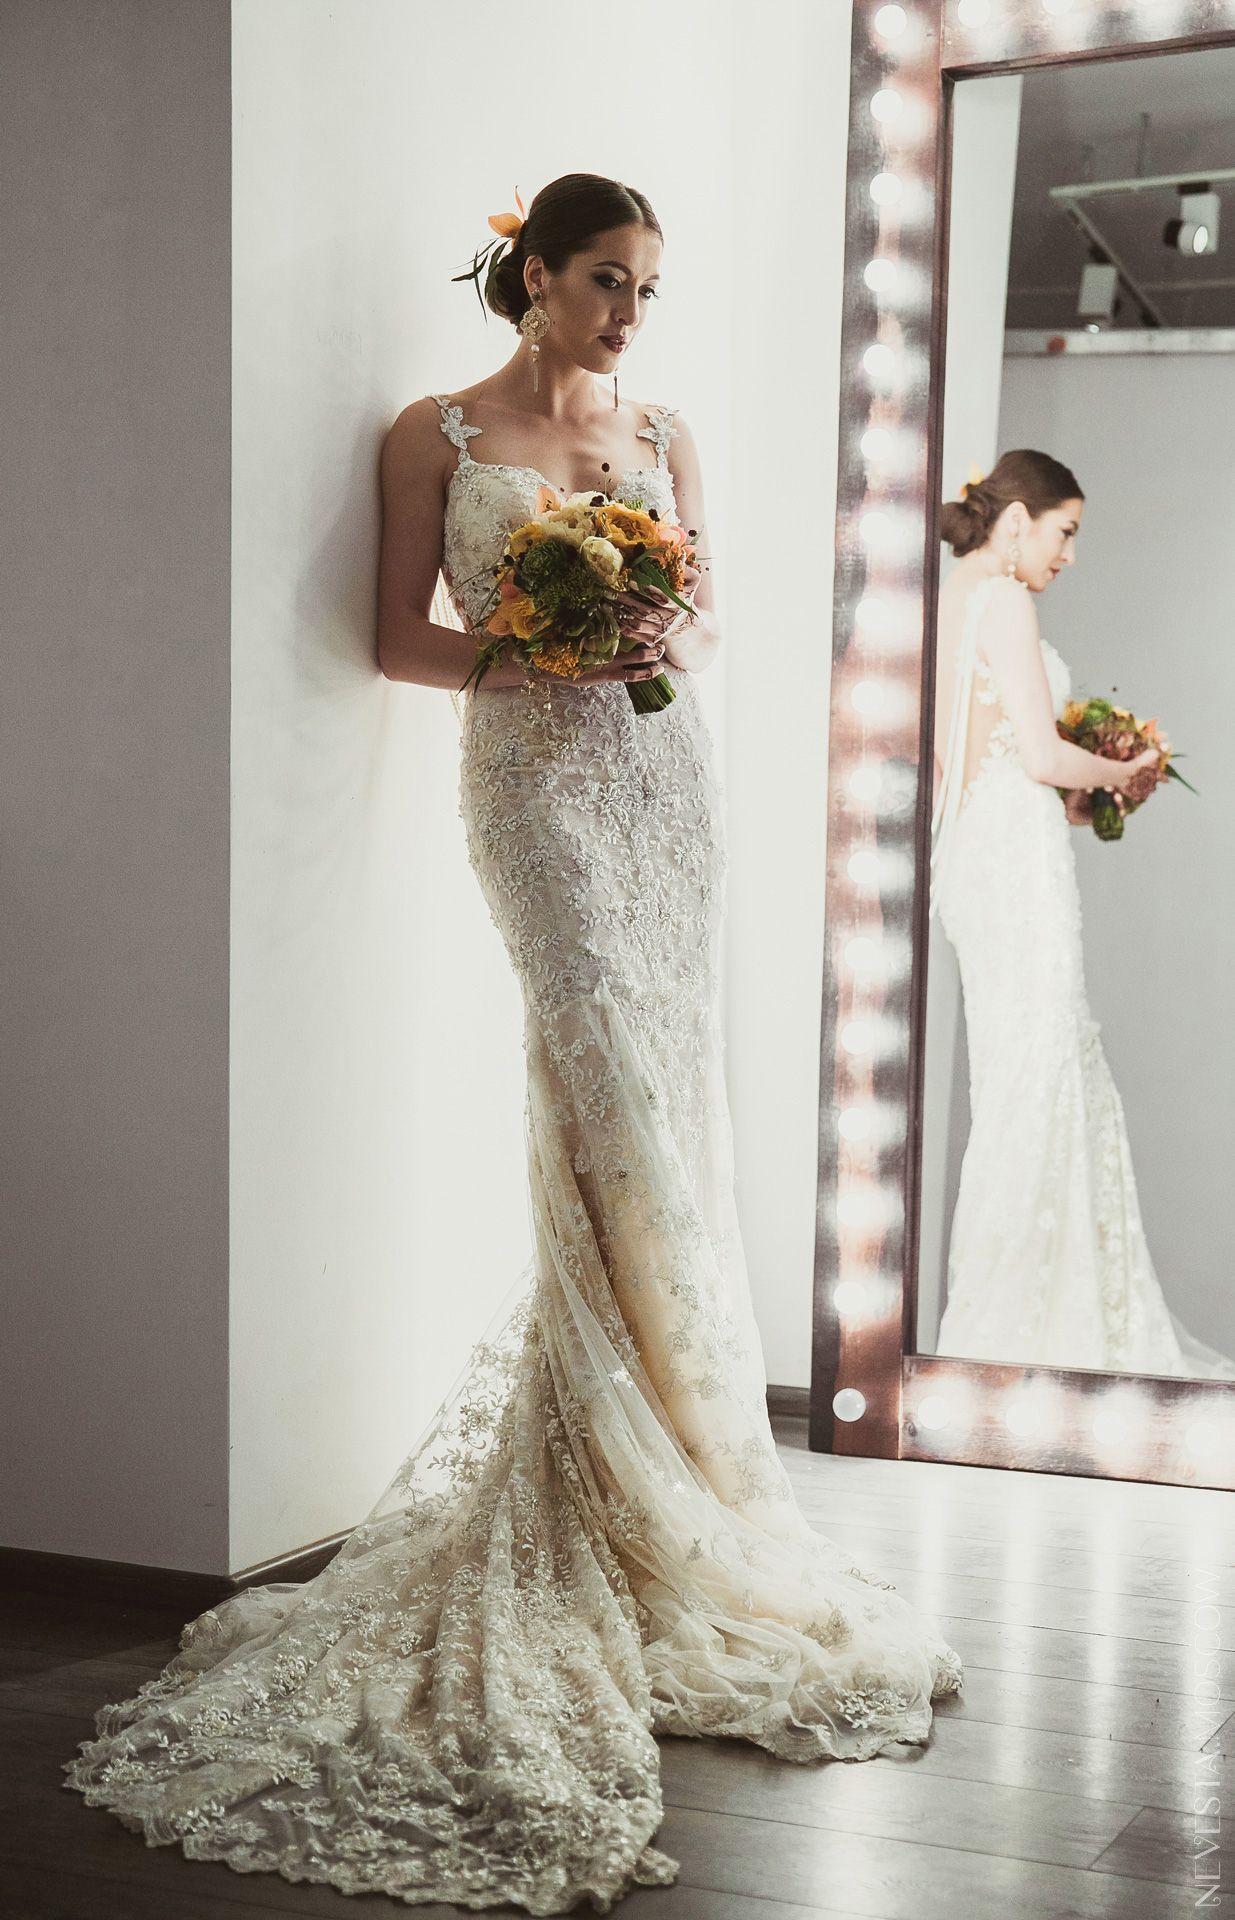 Анастасия Меськова примеряет свадебное платье